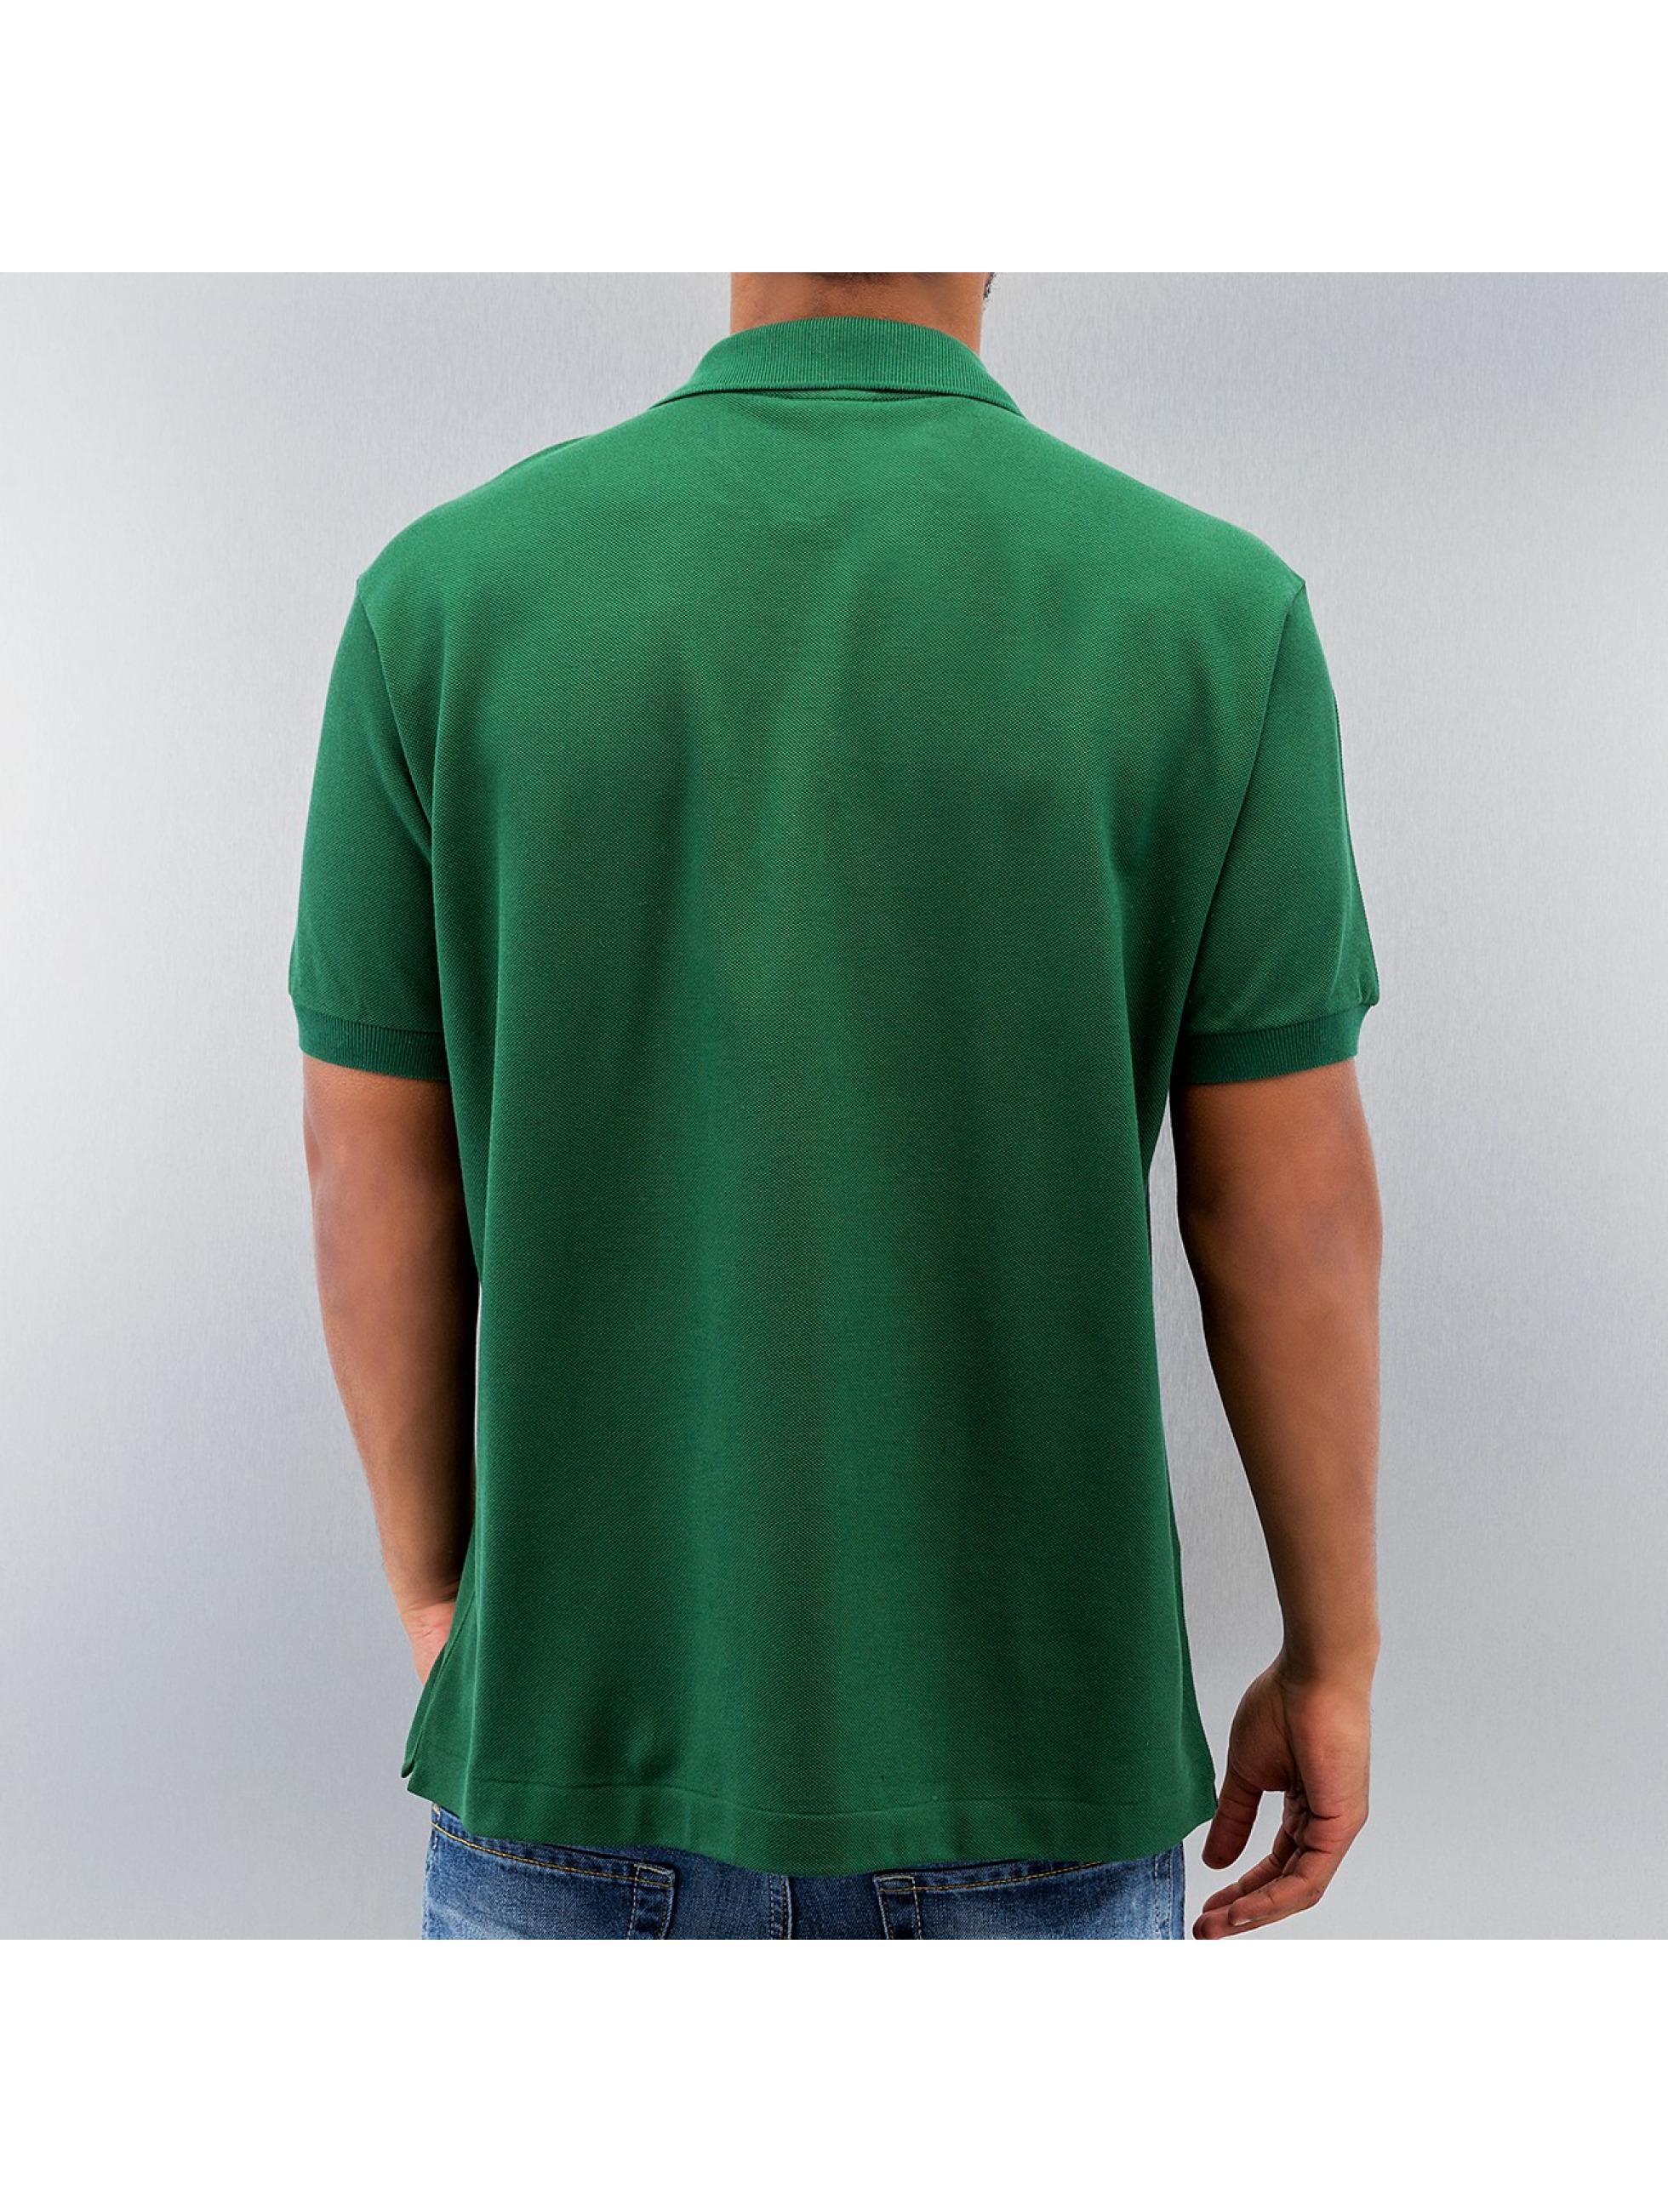 Lacoste Classic Майка поло Basic зеленый